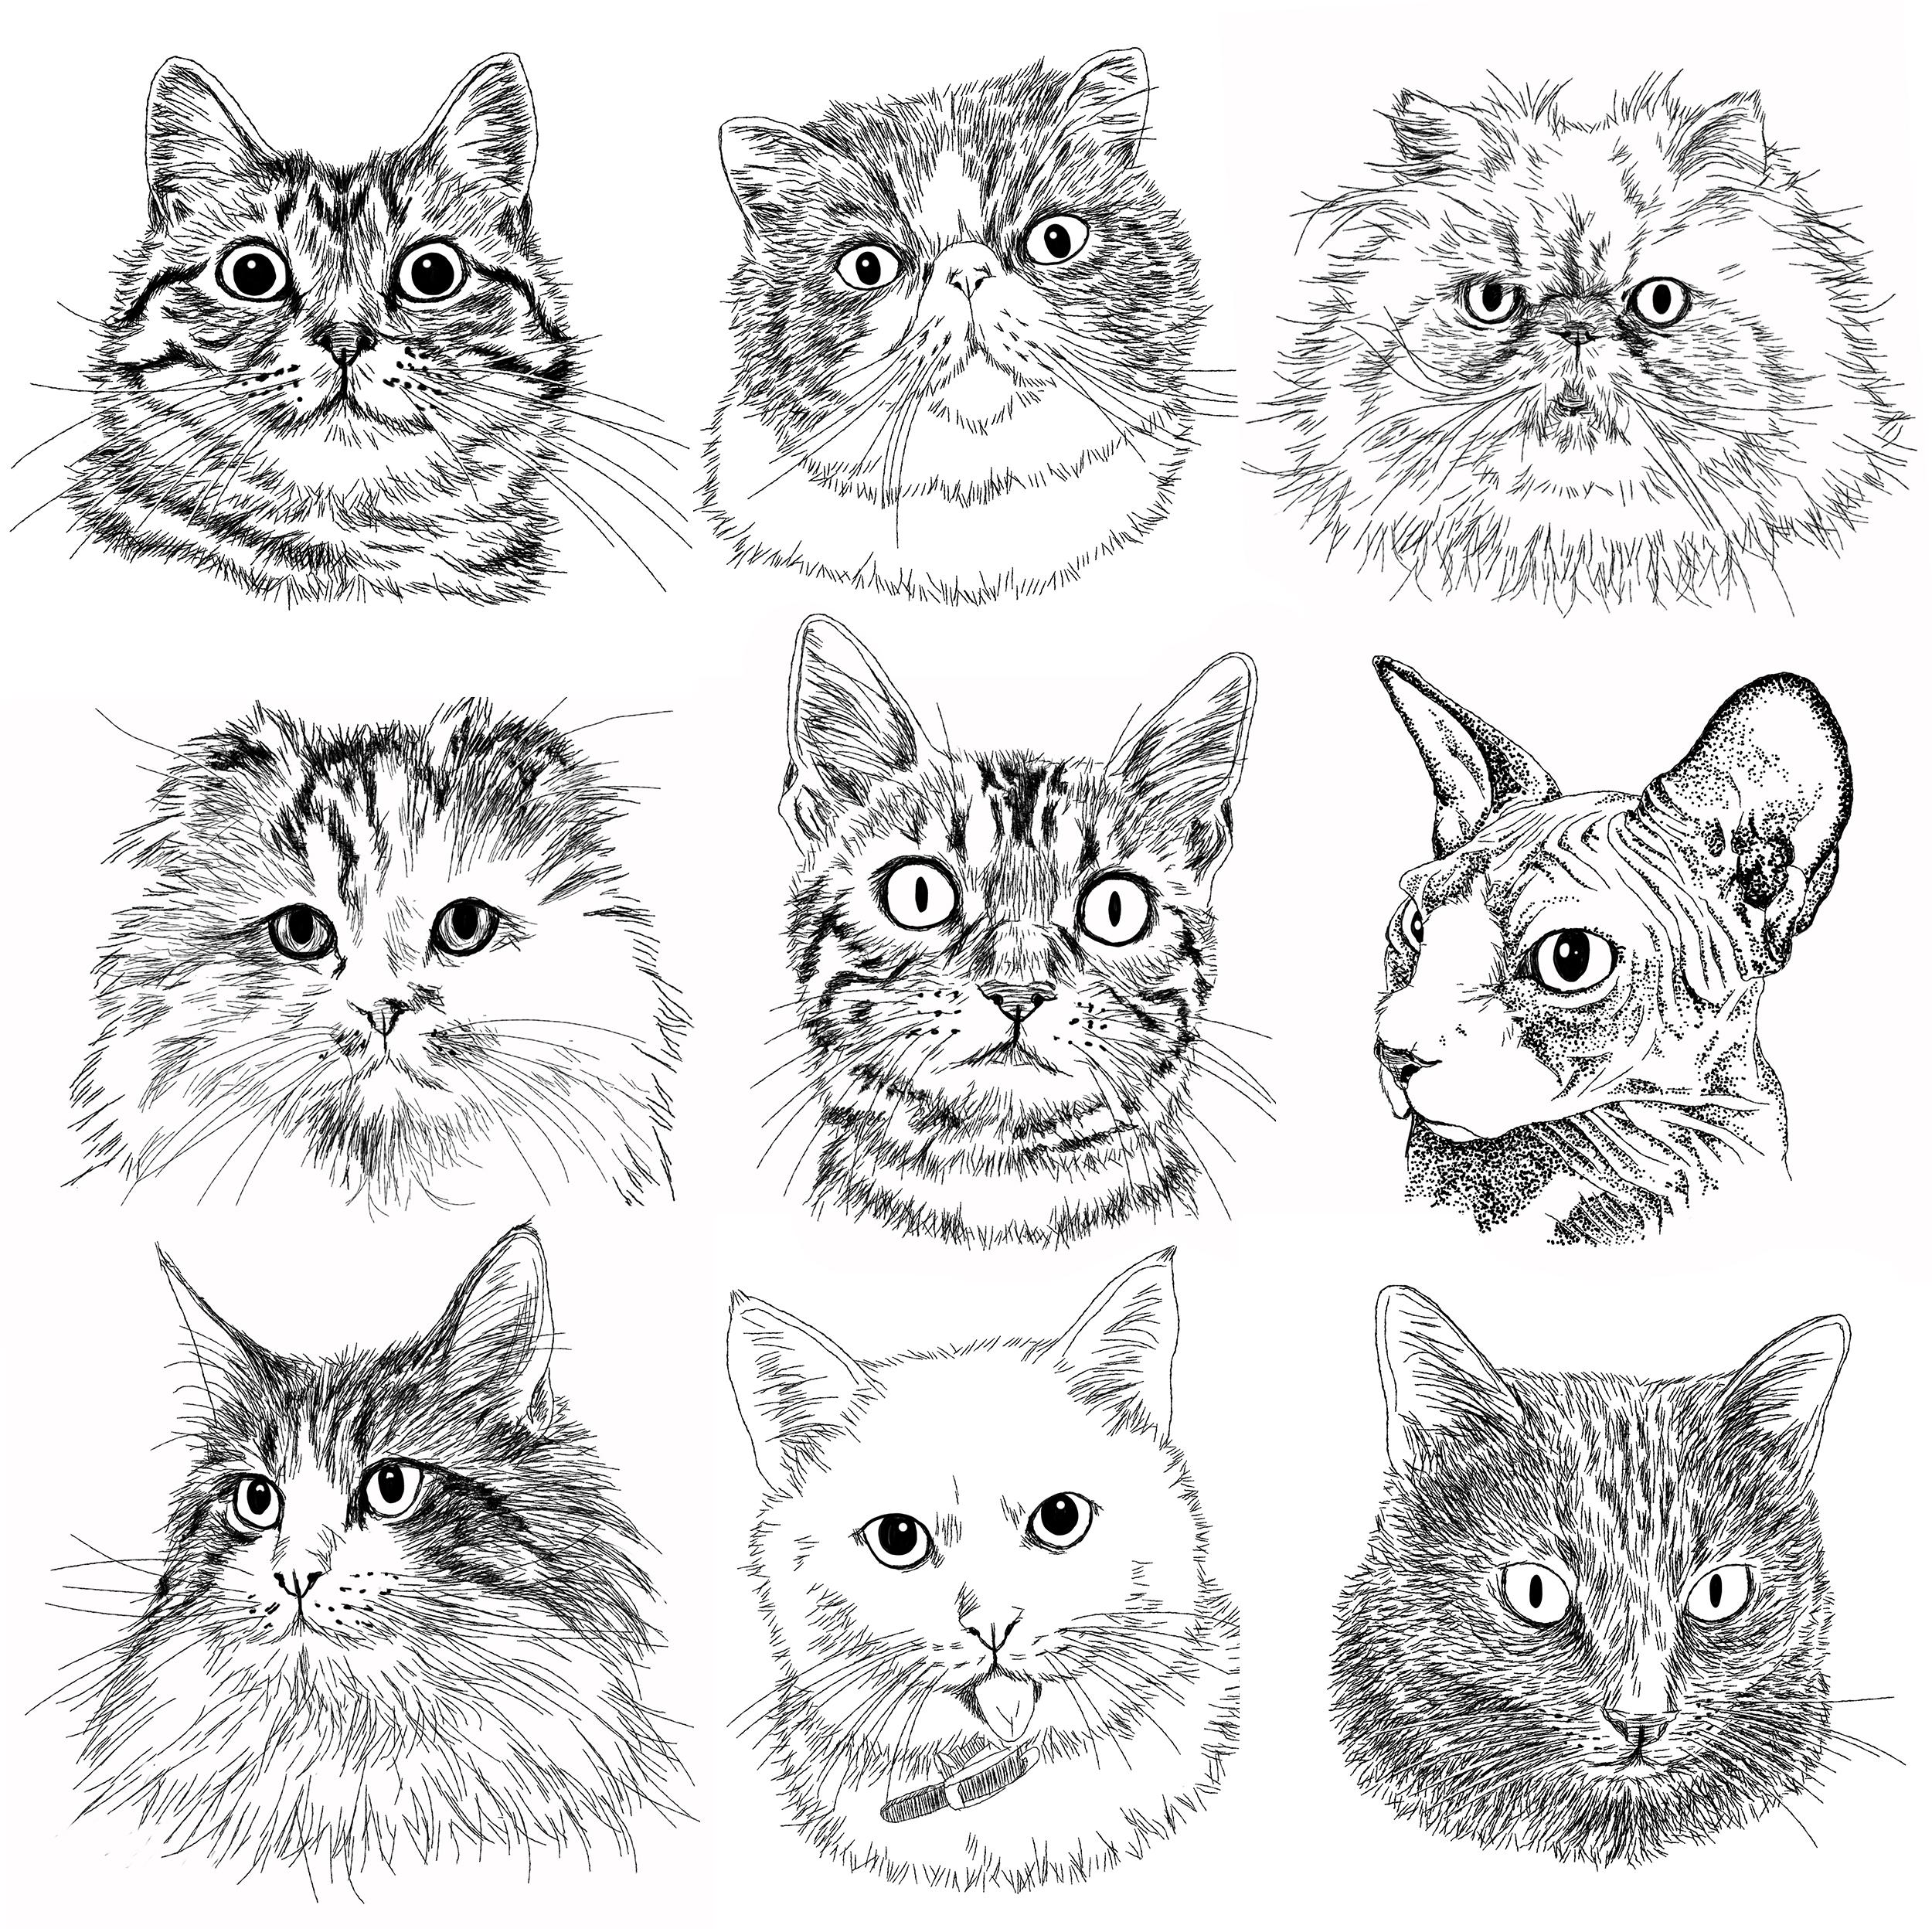 猫の手描きイラスト 似顔絵 白黒 作成 顔のみ 動物 人間可 猫雑貨 グッズ通販 猫や動物イラスト 似顔絵作成 365cat Art